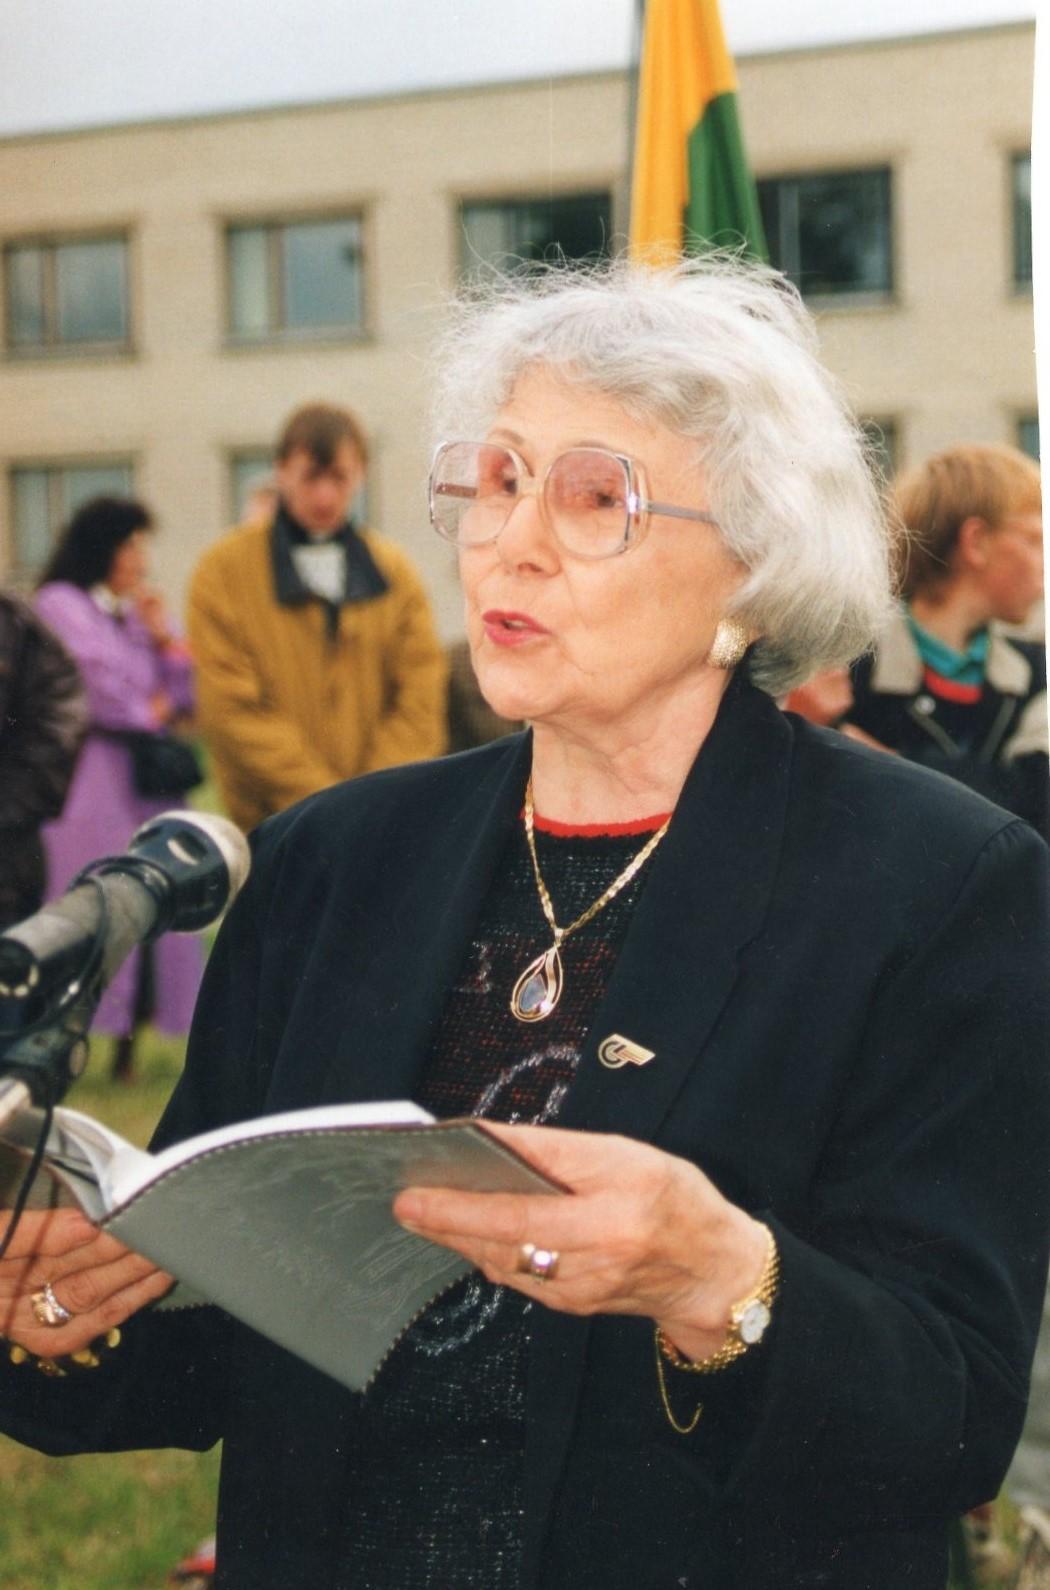 J. Švabaitė skaito savo poeziją. Gerždžiūnai, 1996 06 14